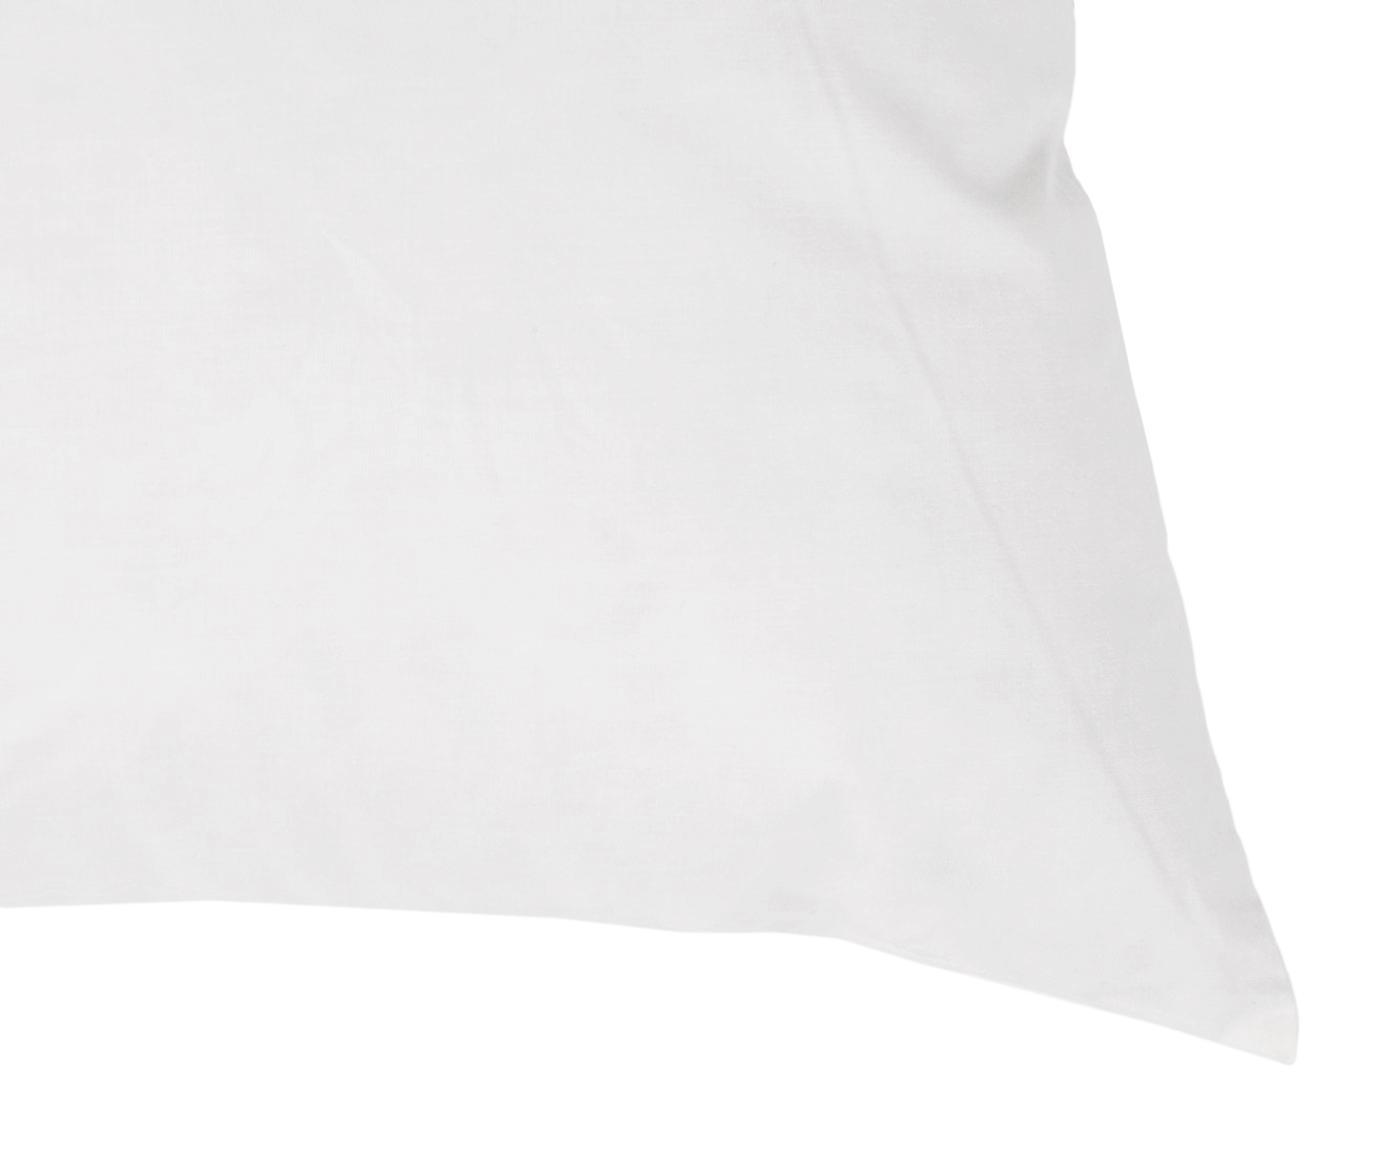 Wypełnienie poduszki dekoracyjnej Komfort, 30 x 50, Biały, S 30 x D 50 cm